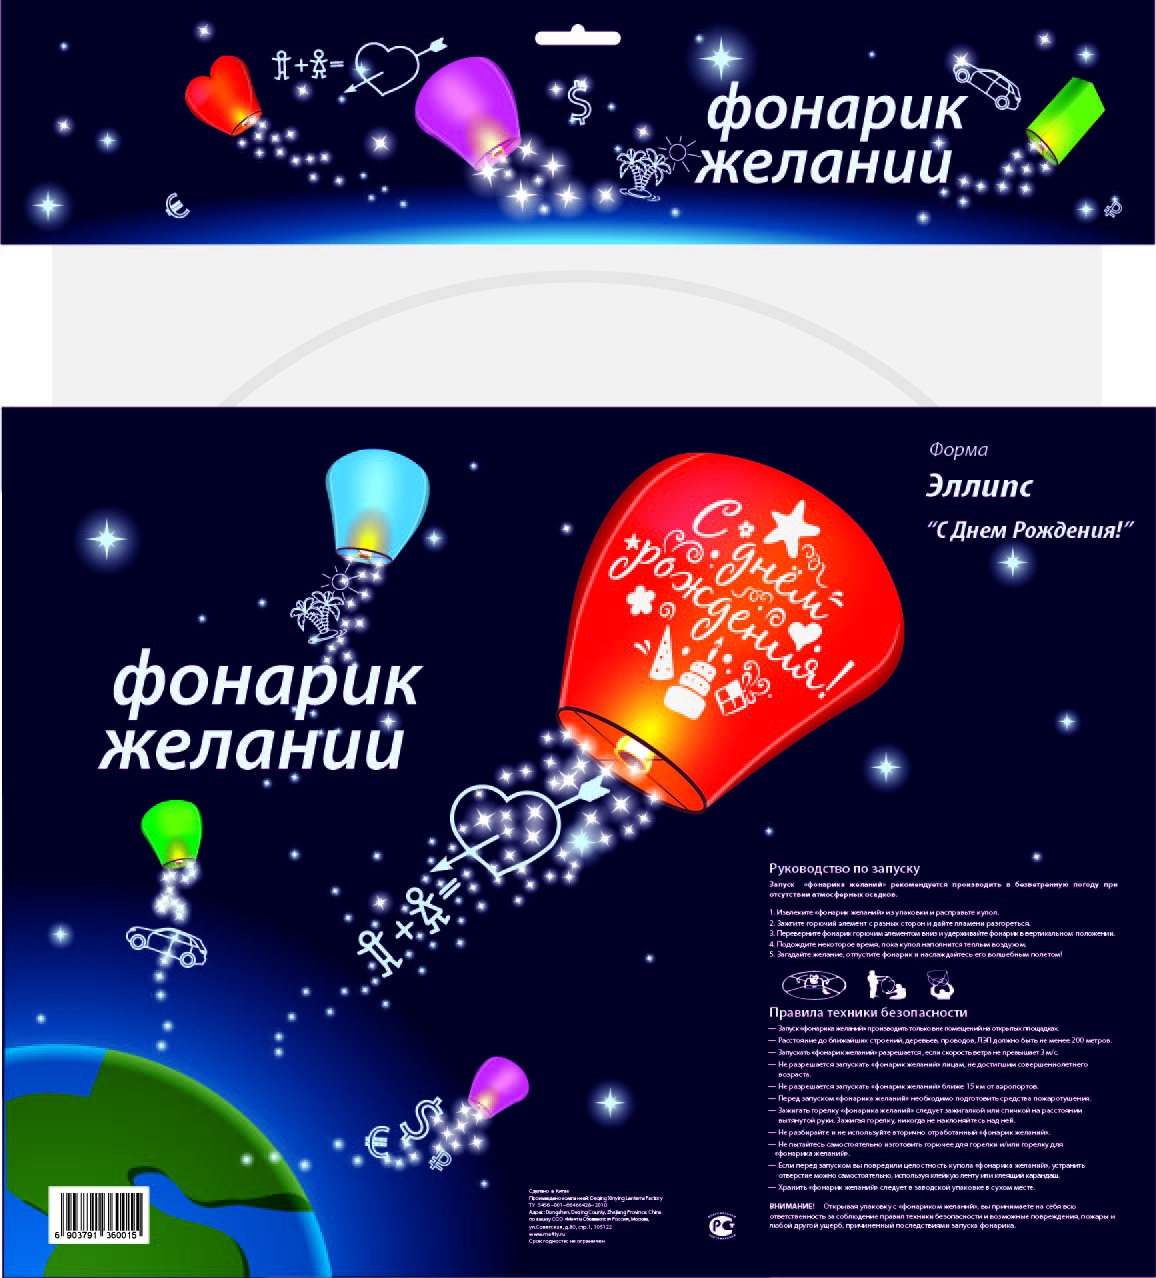 Бумажный фонарик эллипс С днем рождения, белый небесный фонарик желаний nebofon сердце 2d pink